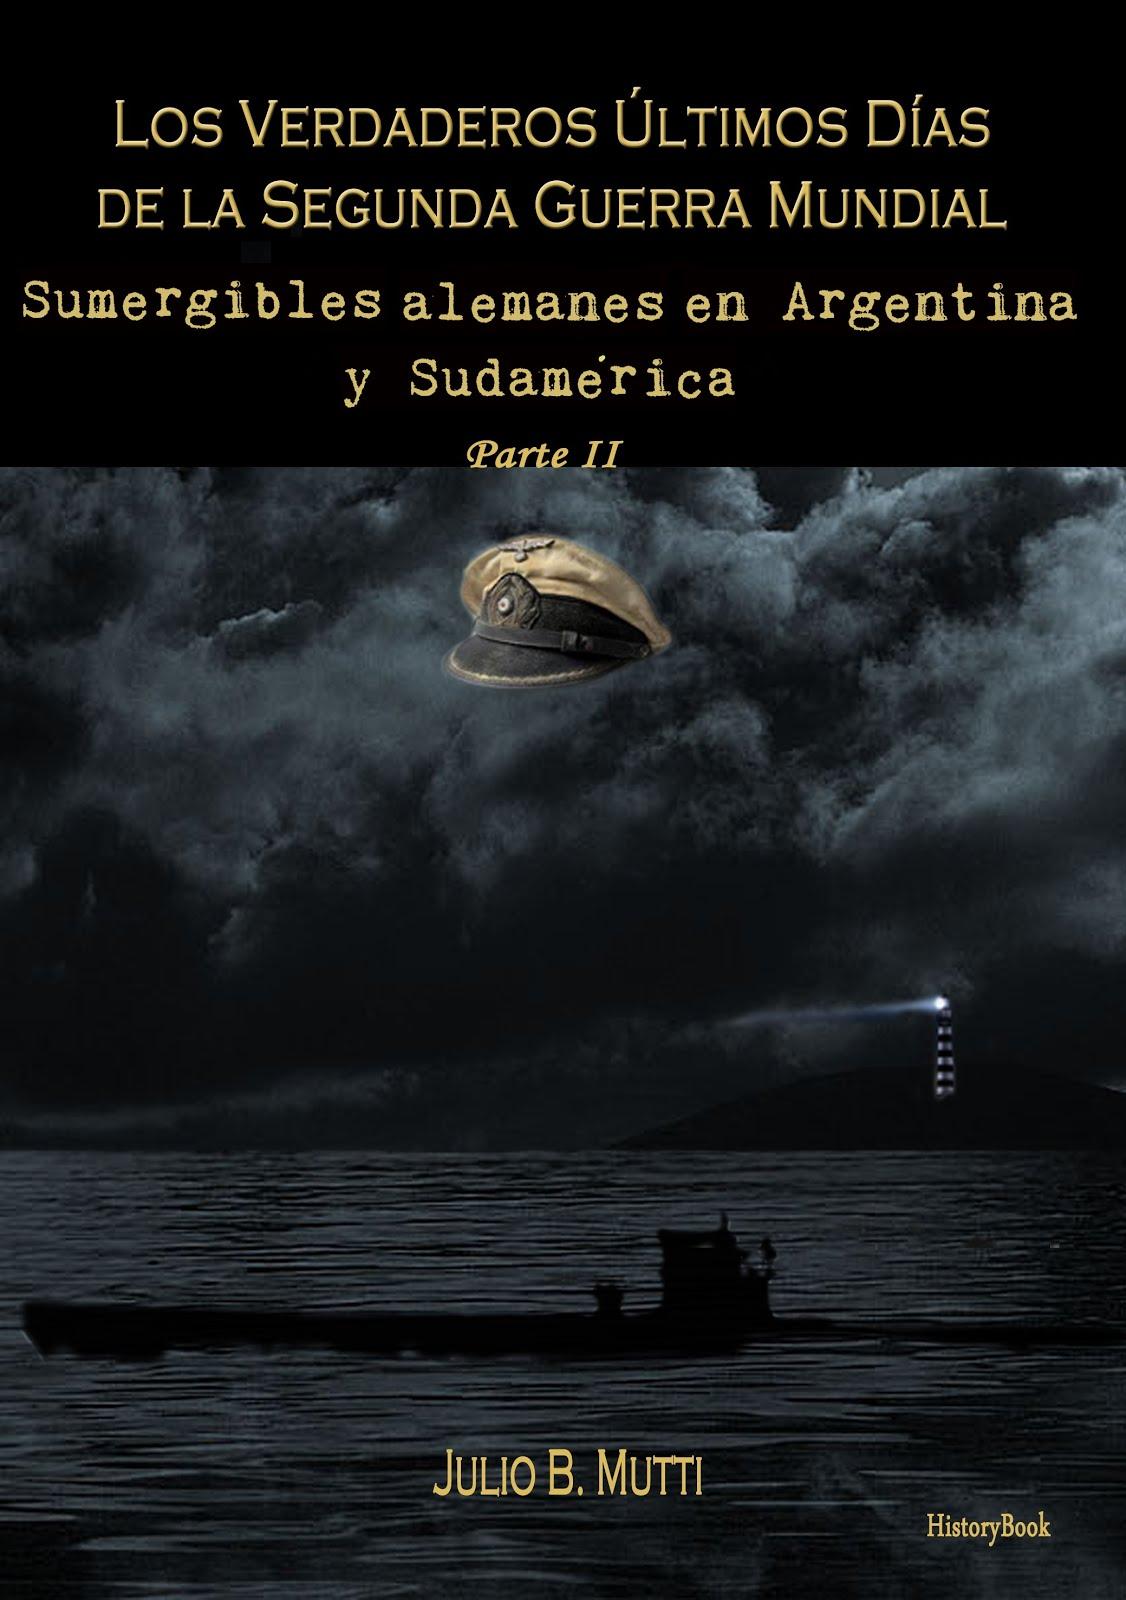 Sumergibles alemanes en Argentina y Sudamérica